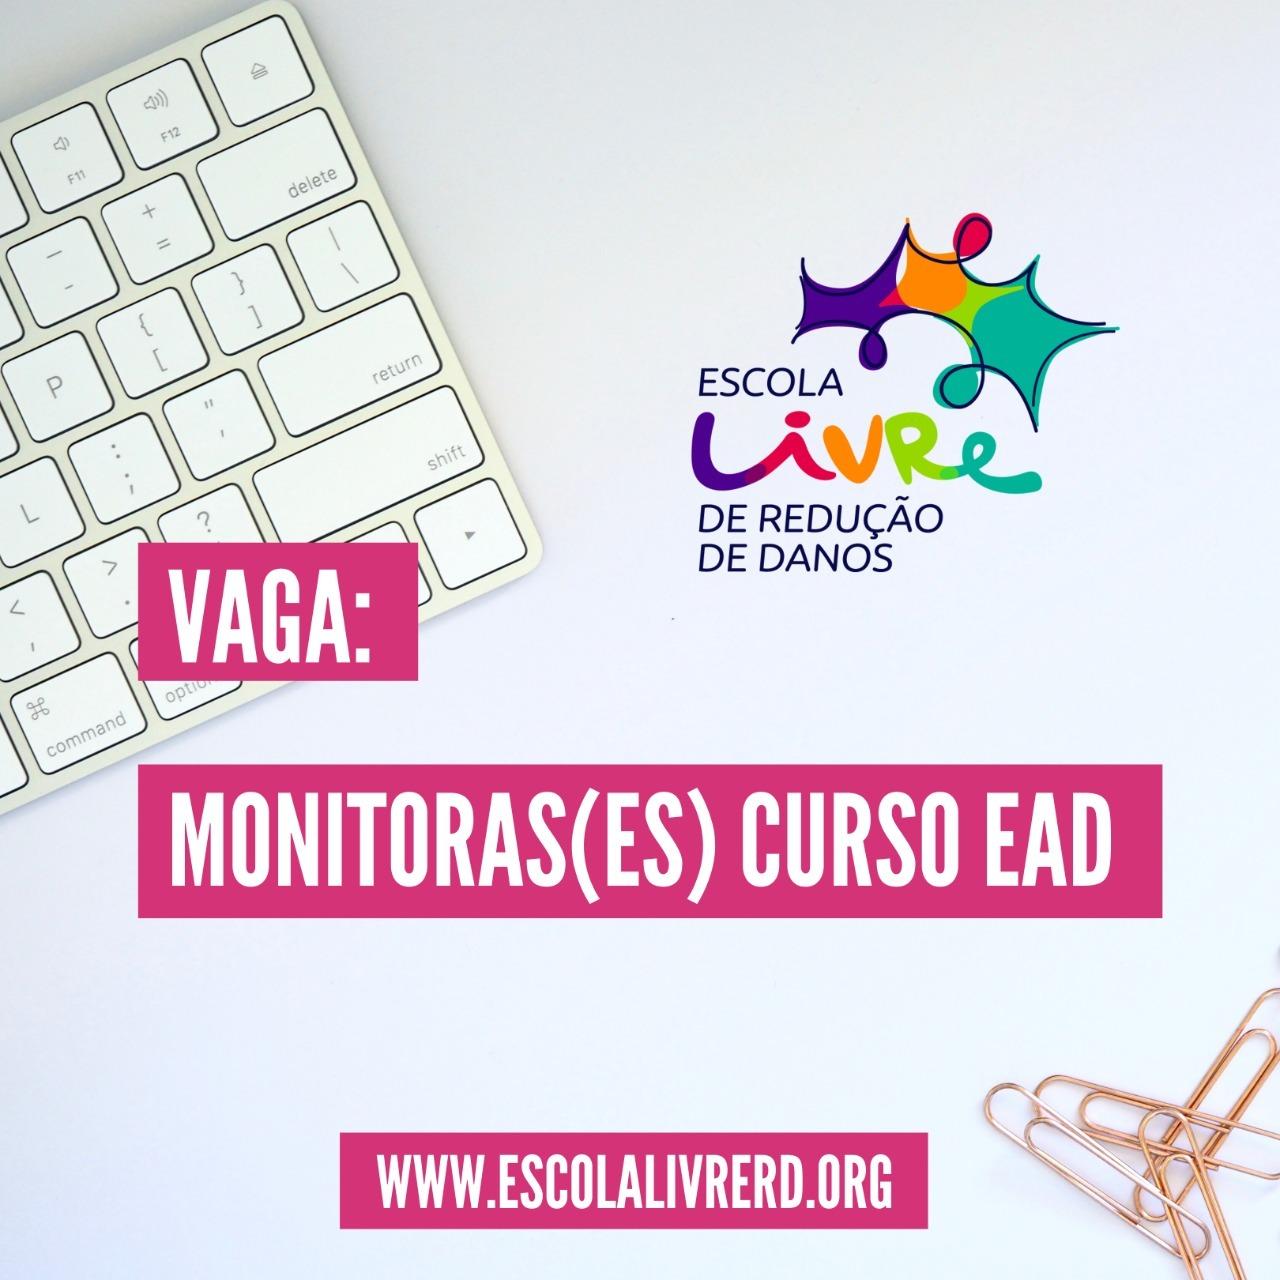 Vaga Monitoras(es) curso EAD